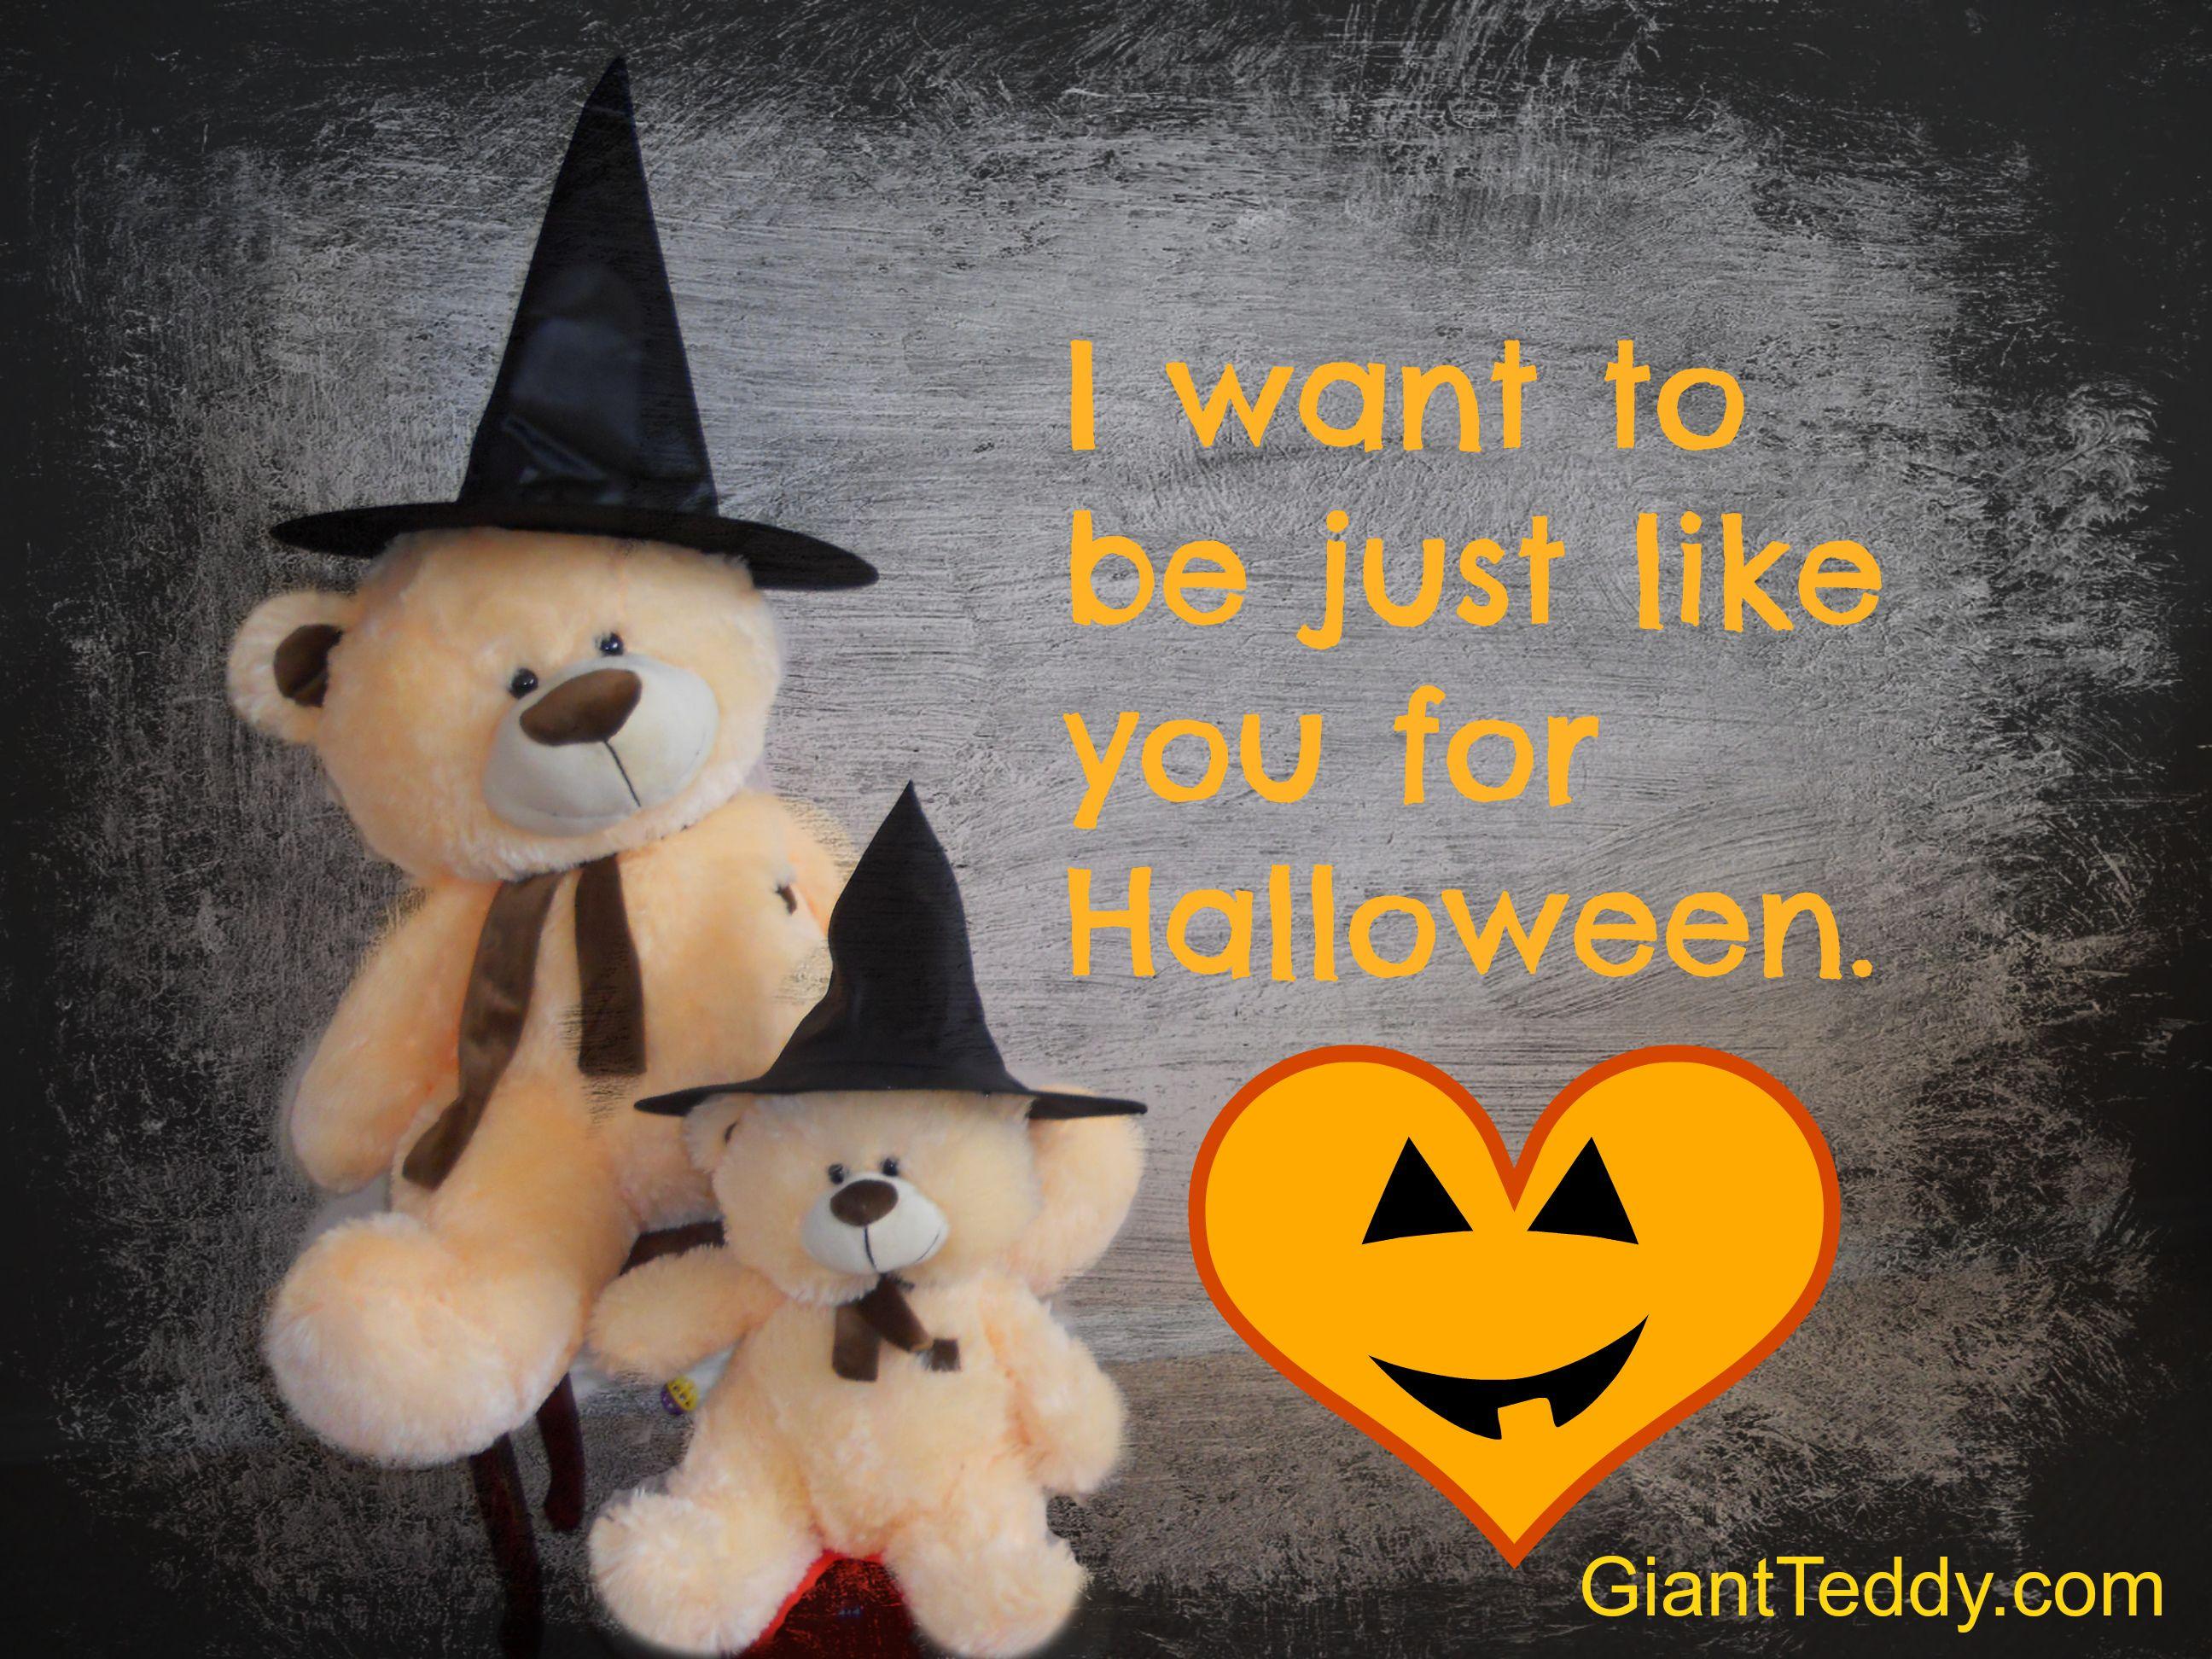 Happy Halloween from GiantTeddy.com